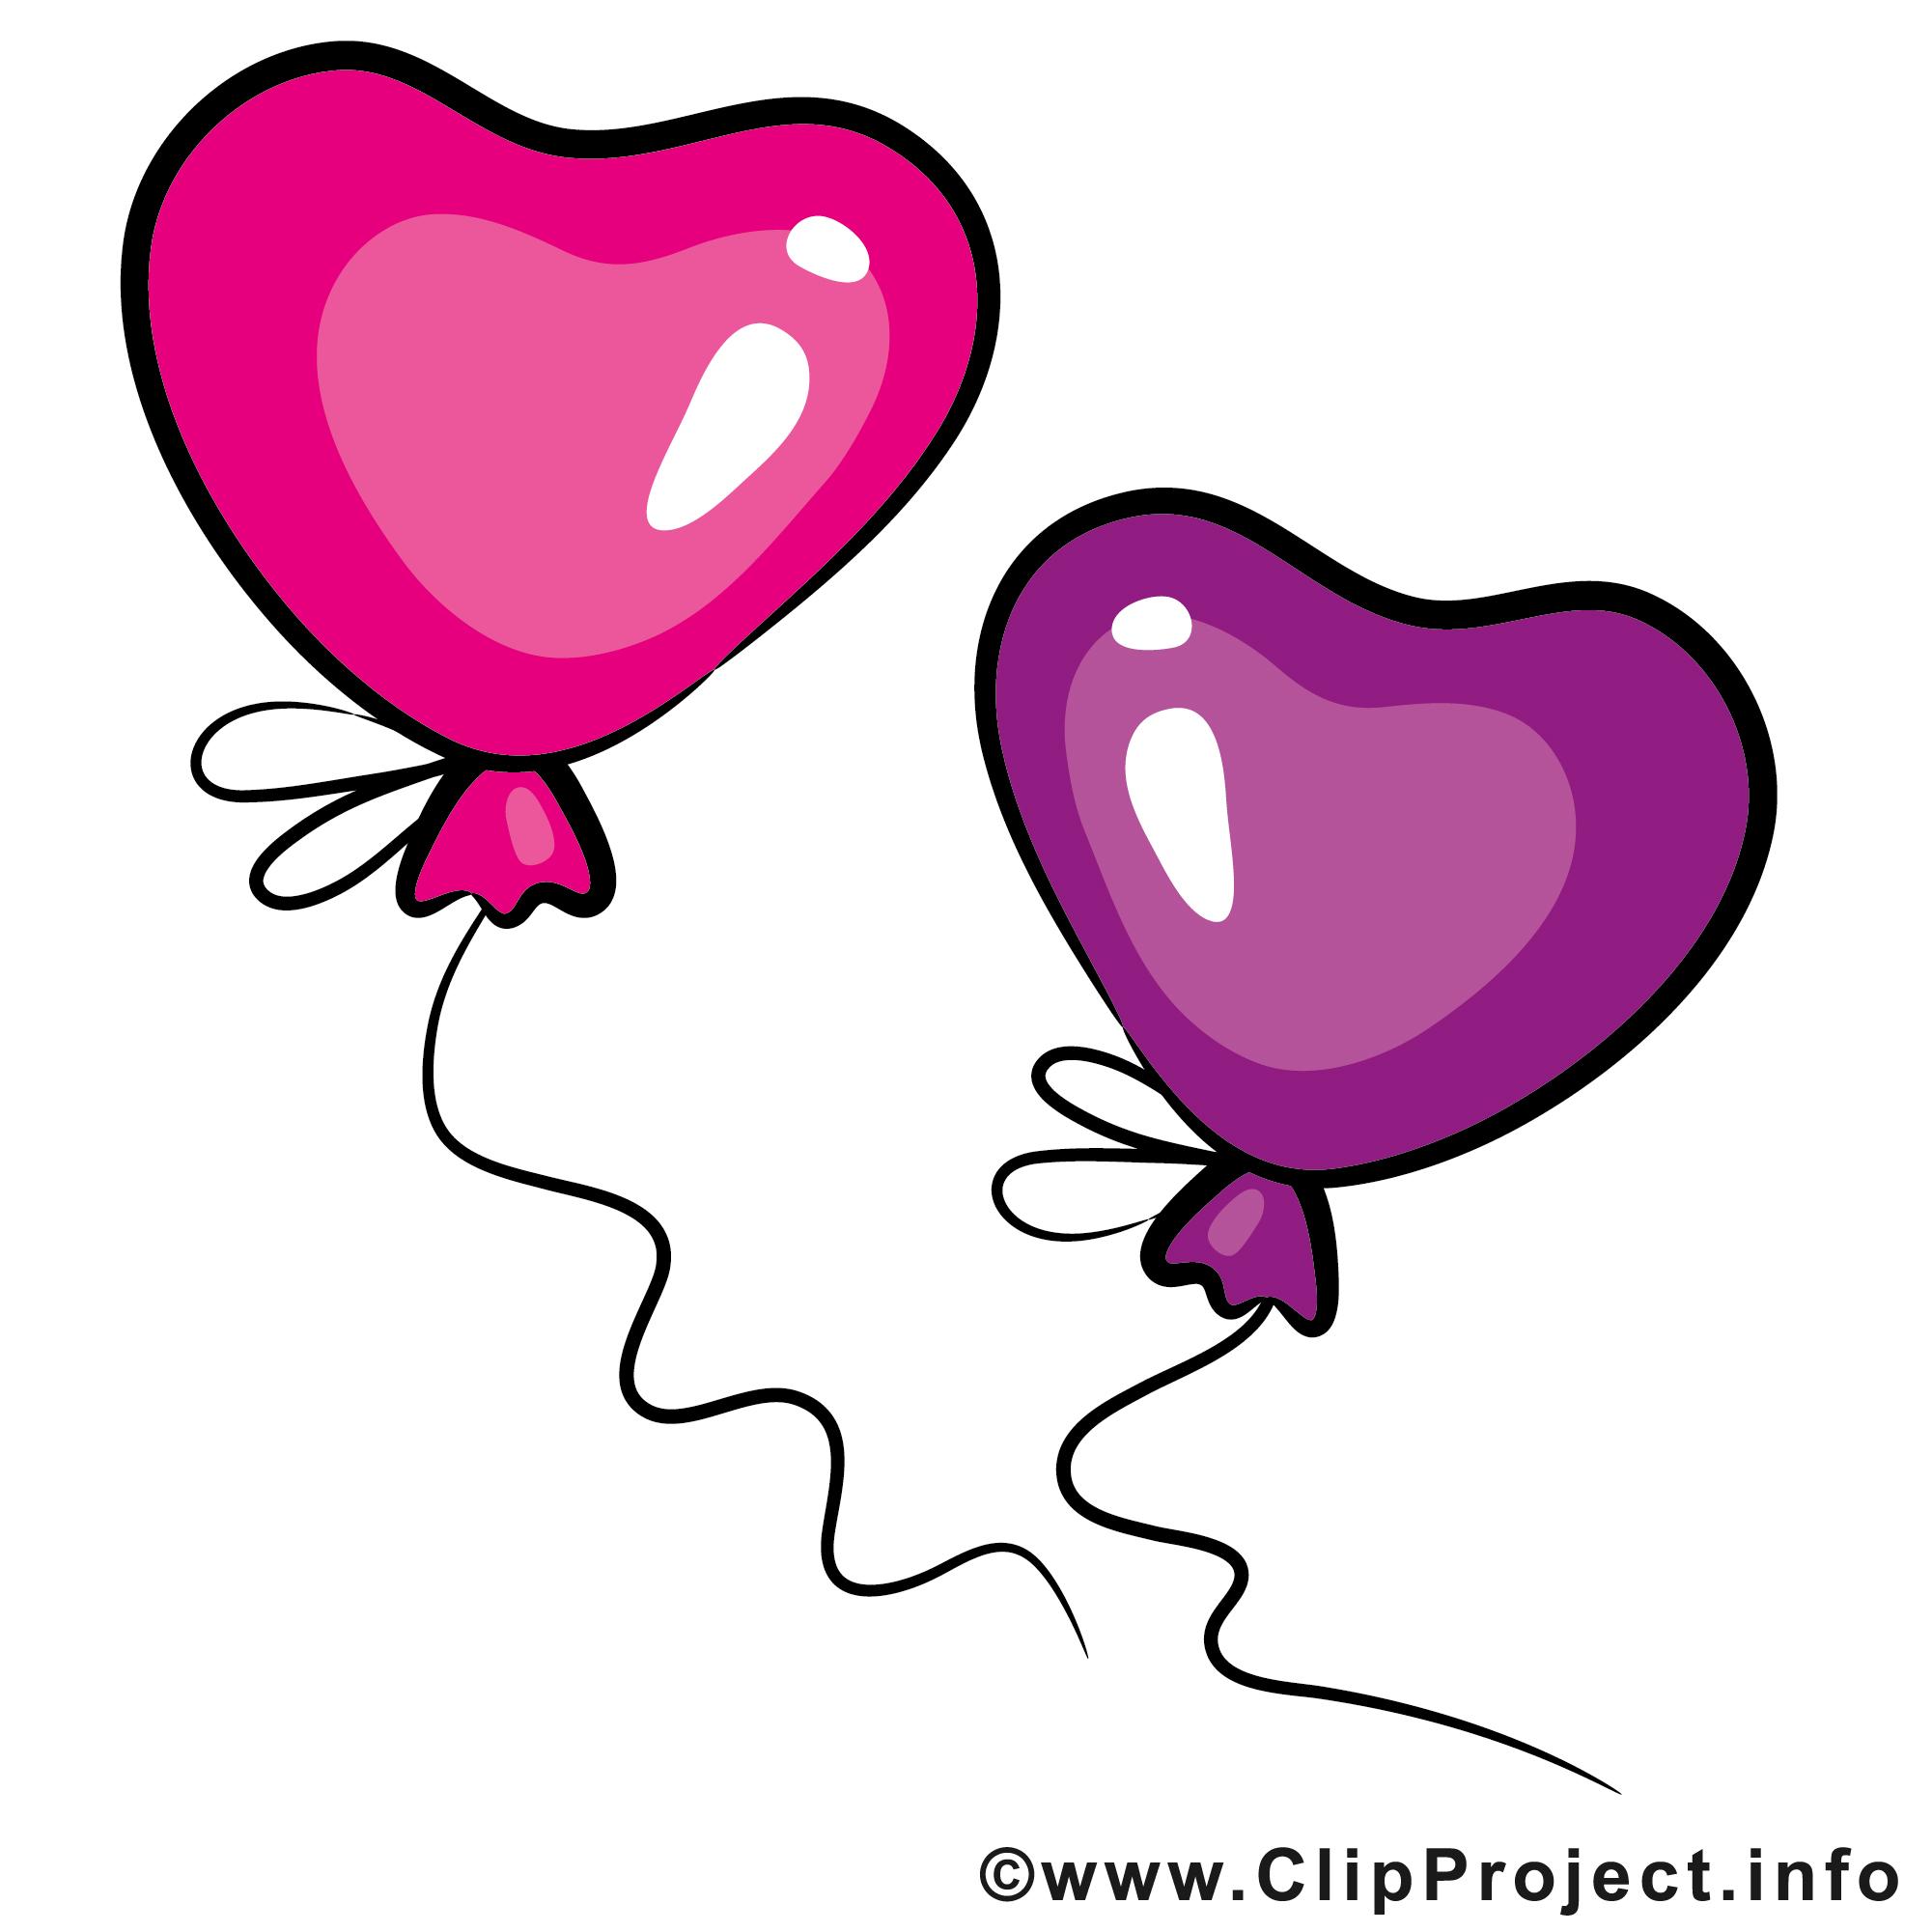 Ballons clipart gratuit saint valentin dessins saint - Image st valentin a telecharger gratuitement ...